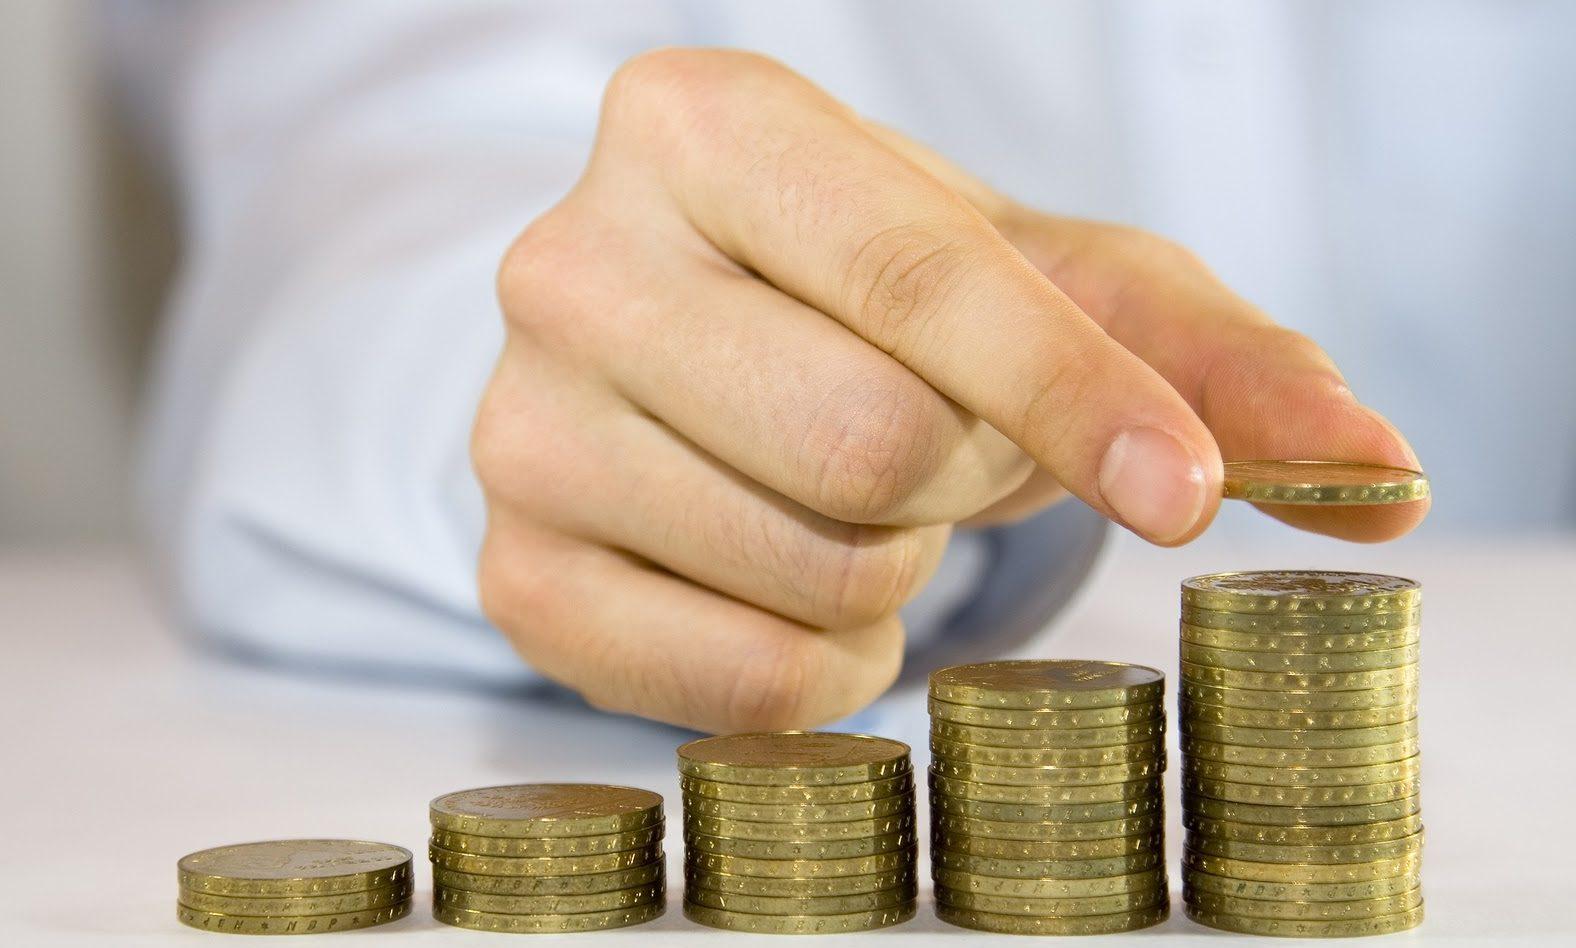 hogyan lehet nagy pénzt keresni egy pár számára)